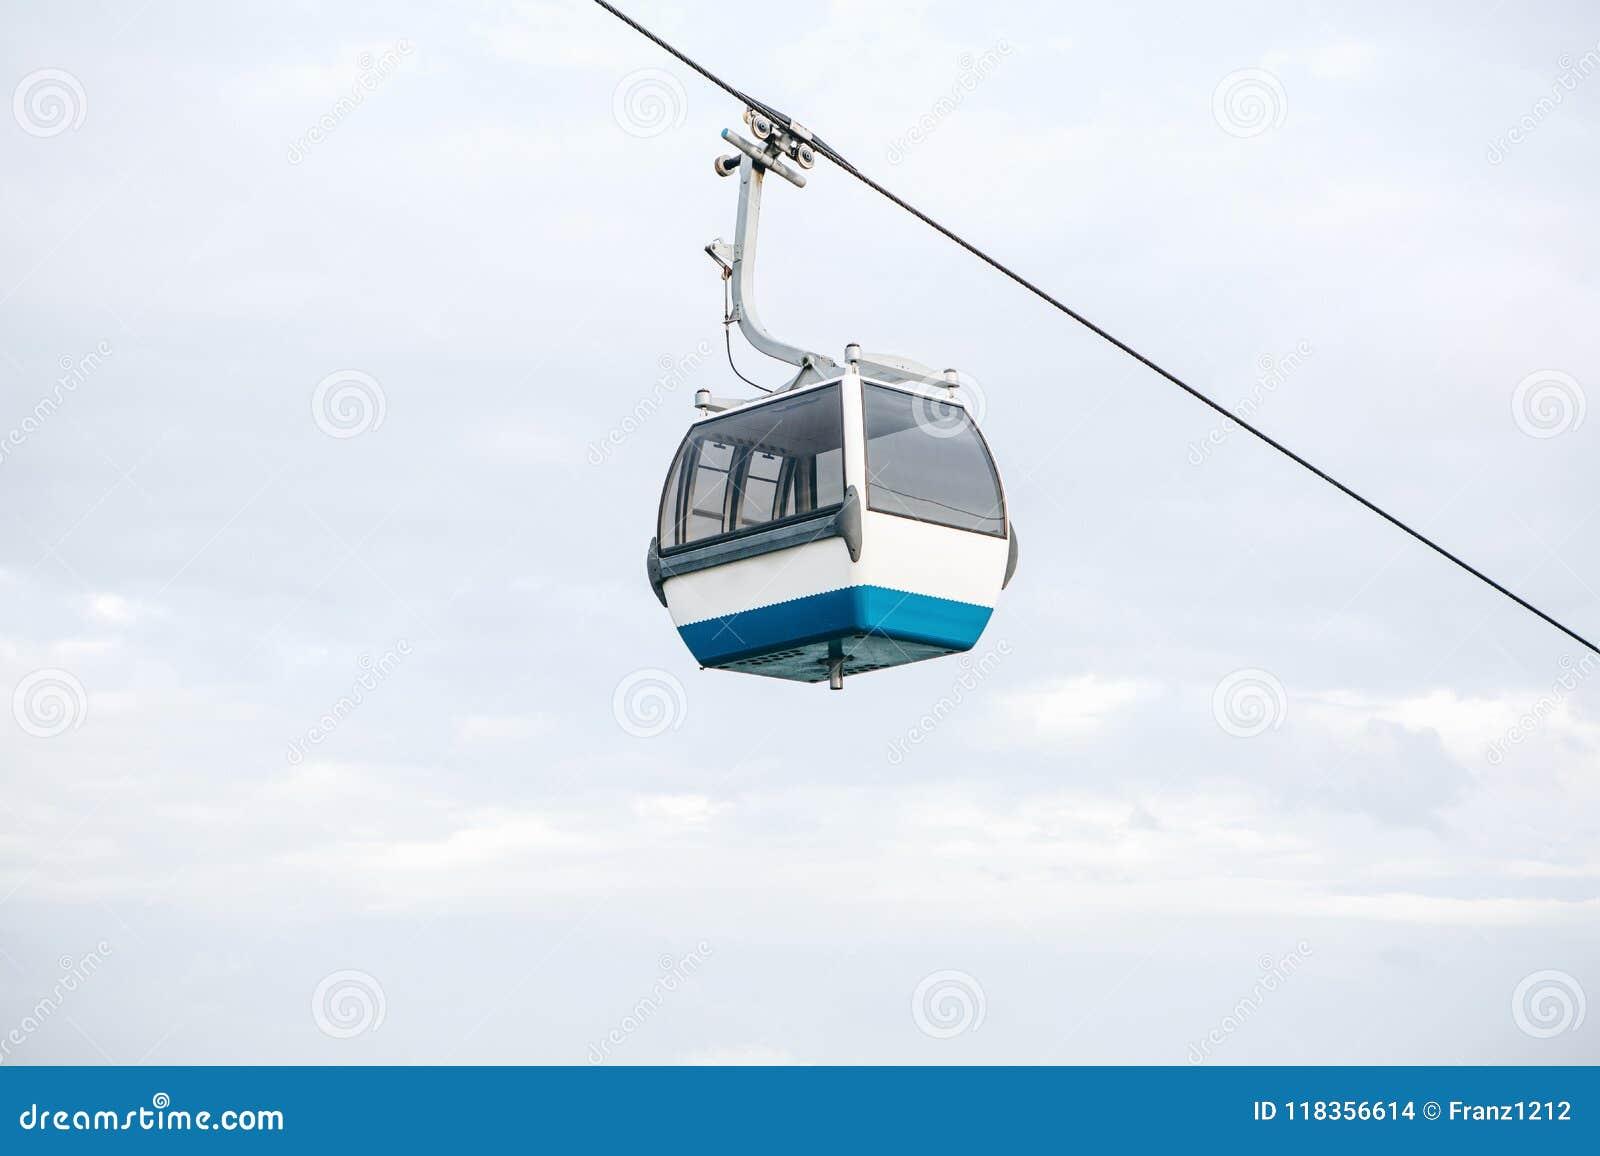 Bergbana eller ropeway och kollektivtrafik till och med golf eller flod eller kanal i Lissabon i Portugal